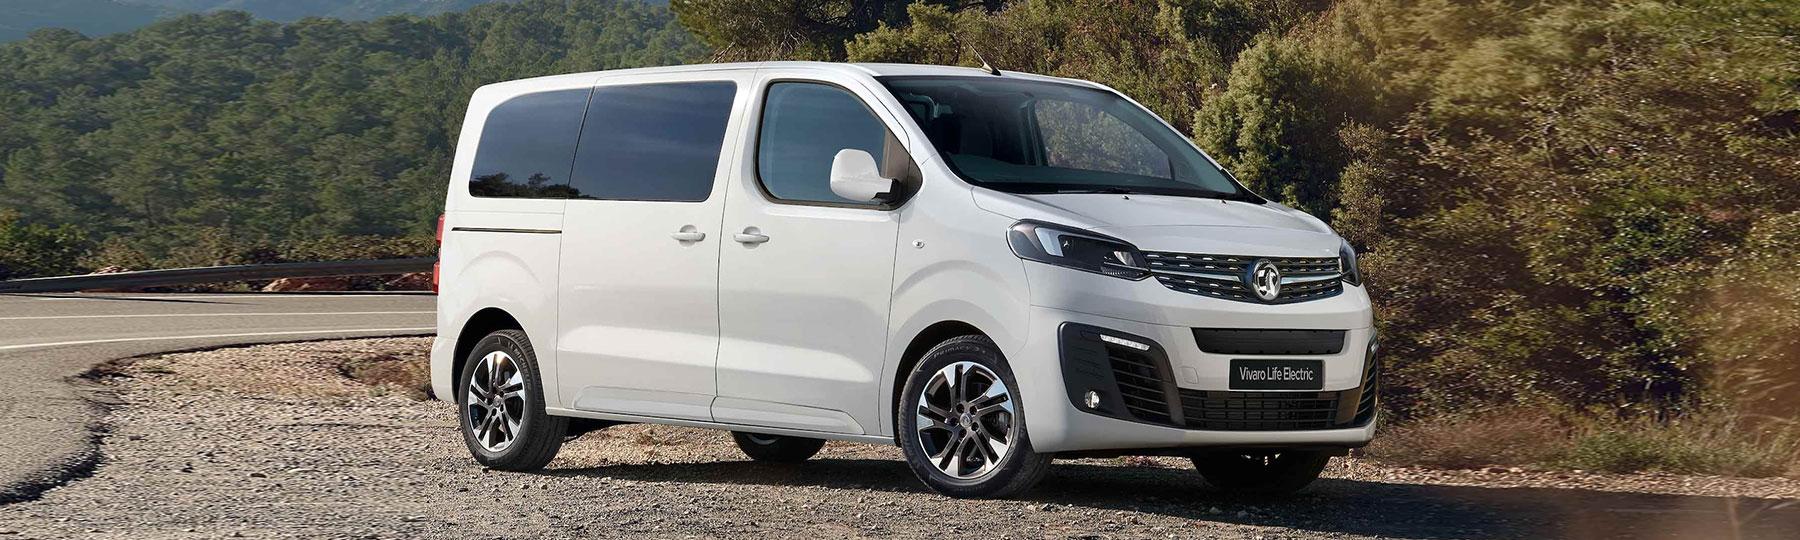 Vauxhall Vivaro-e Life New Car Offer